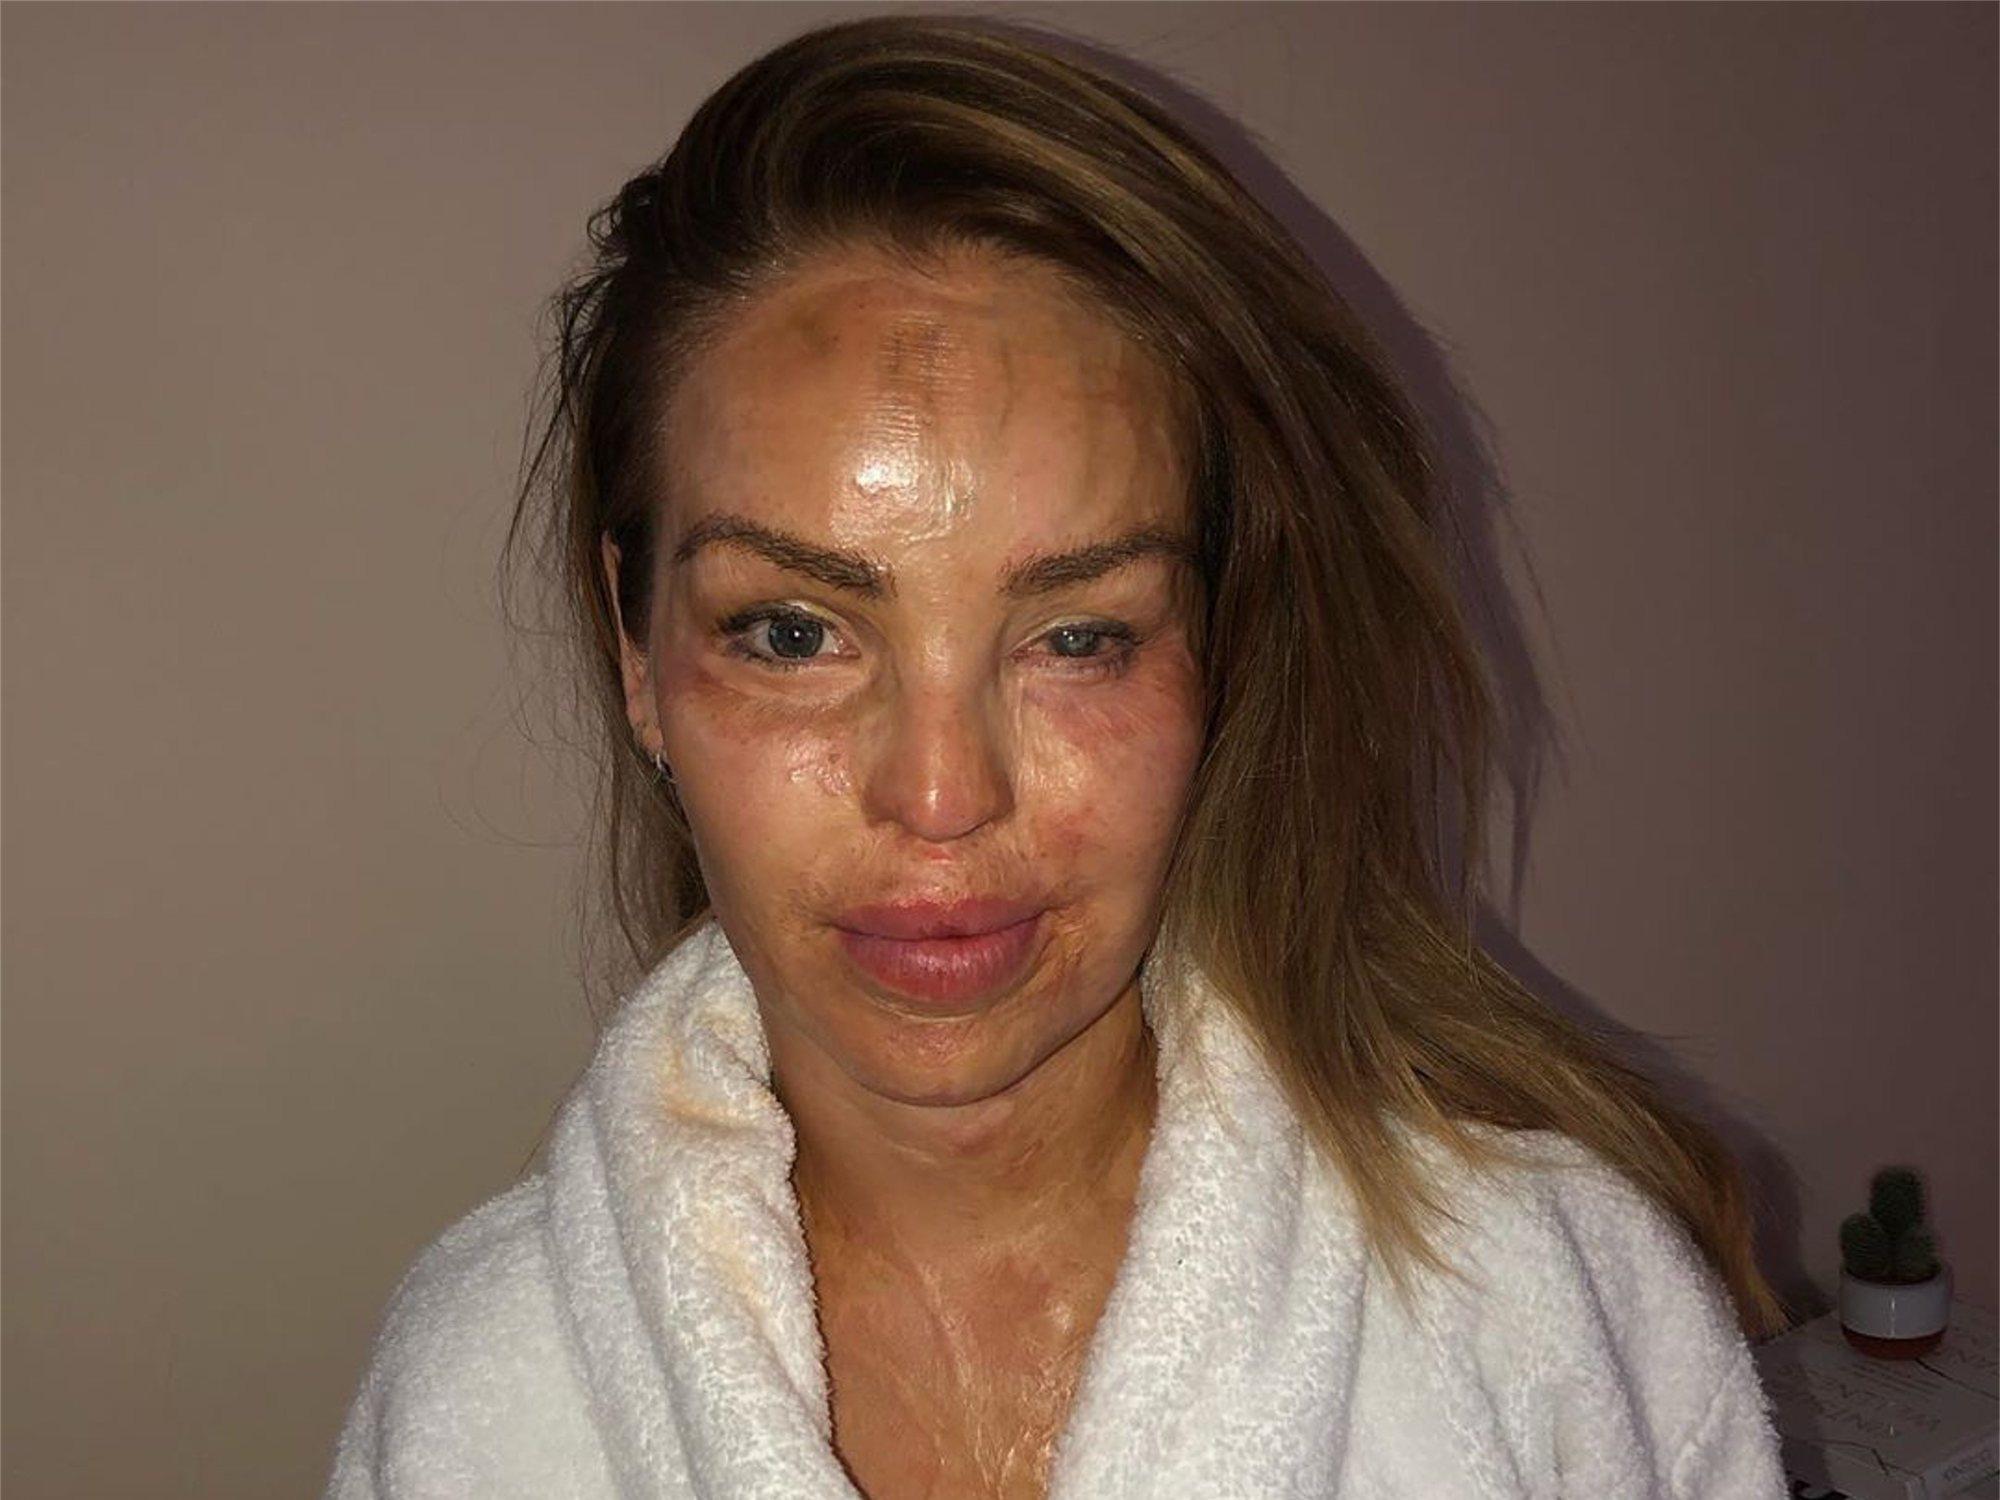 El contundente mensaje sobre autoestima de la modelo a la que su ex le desfiguró la cara con ácido